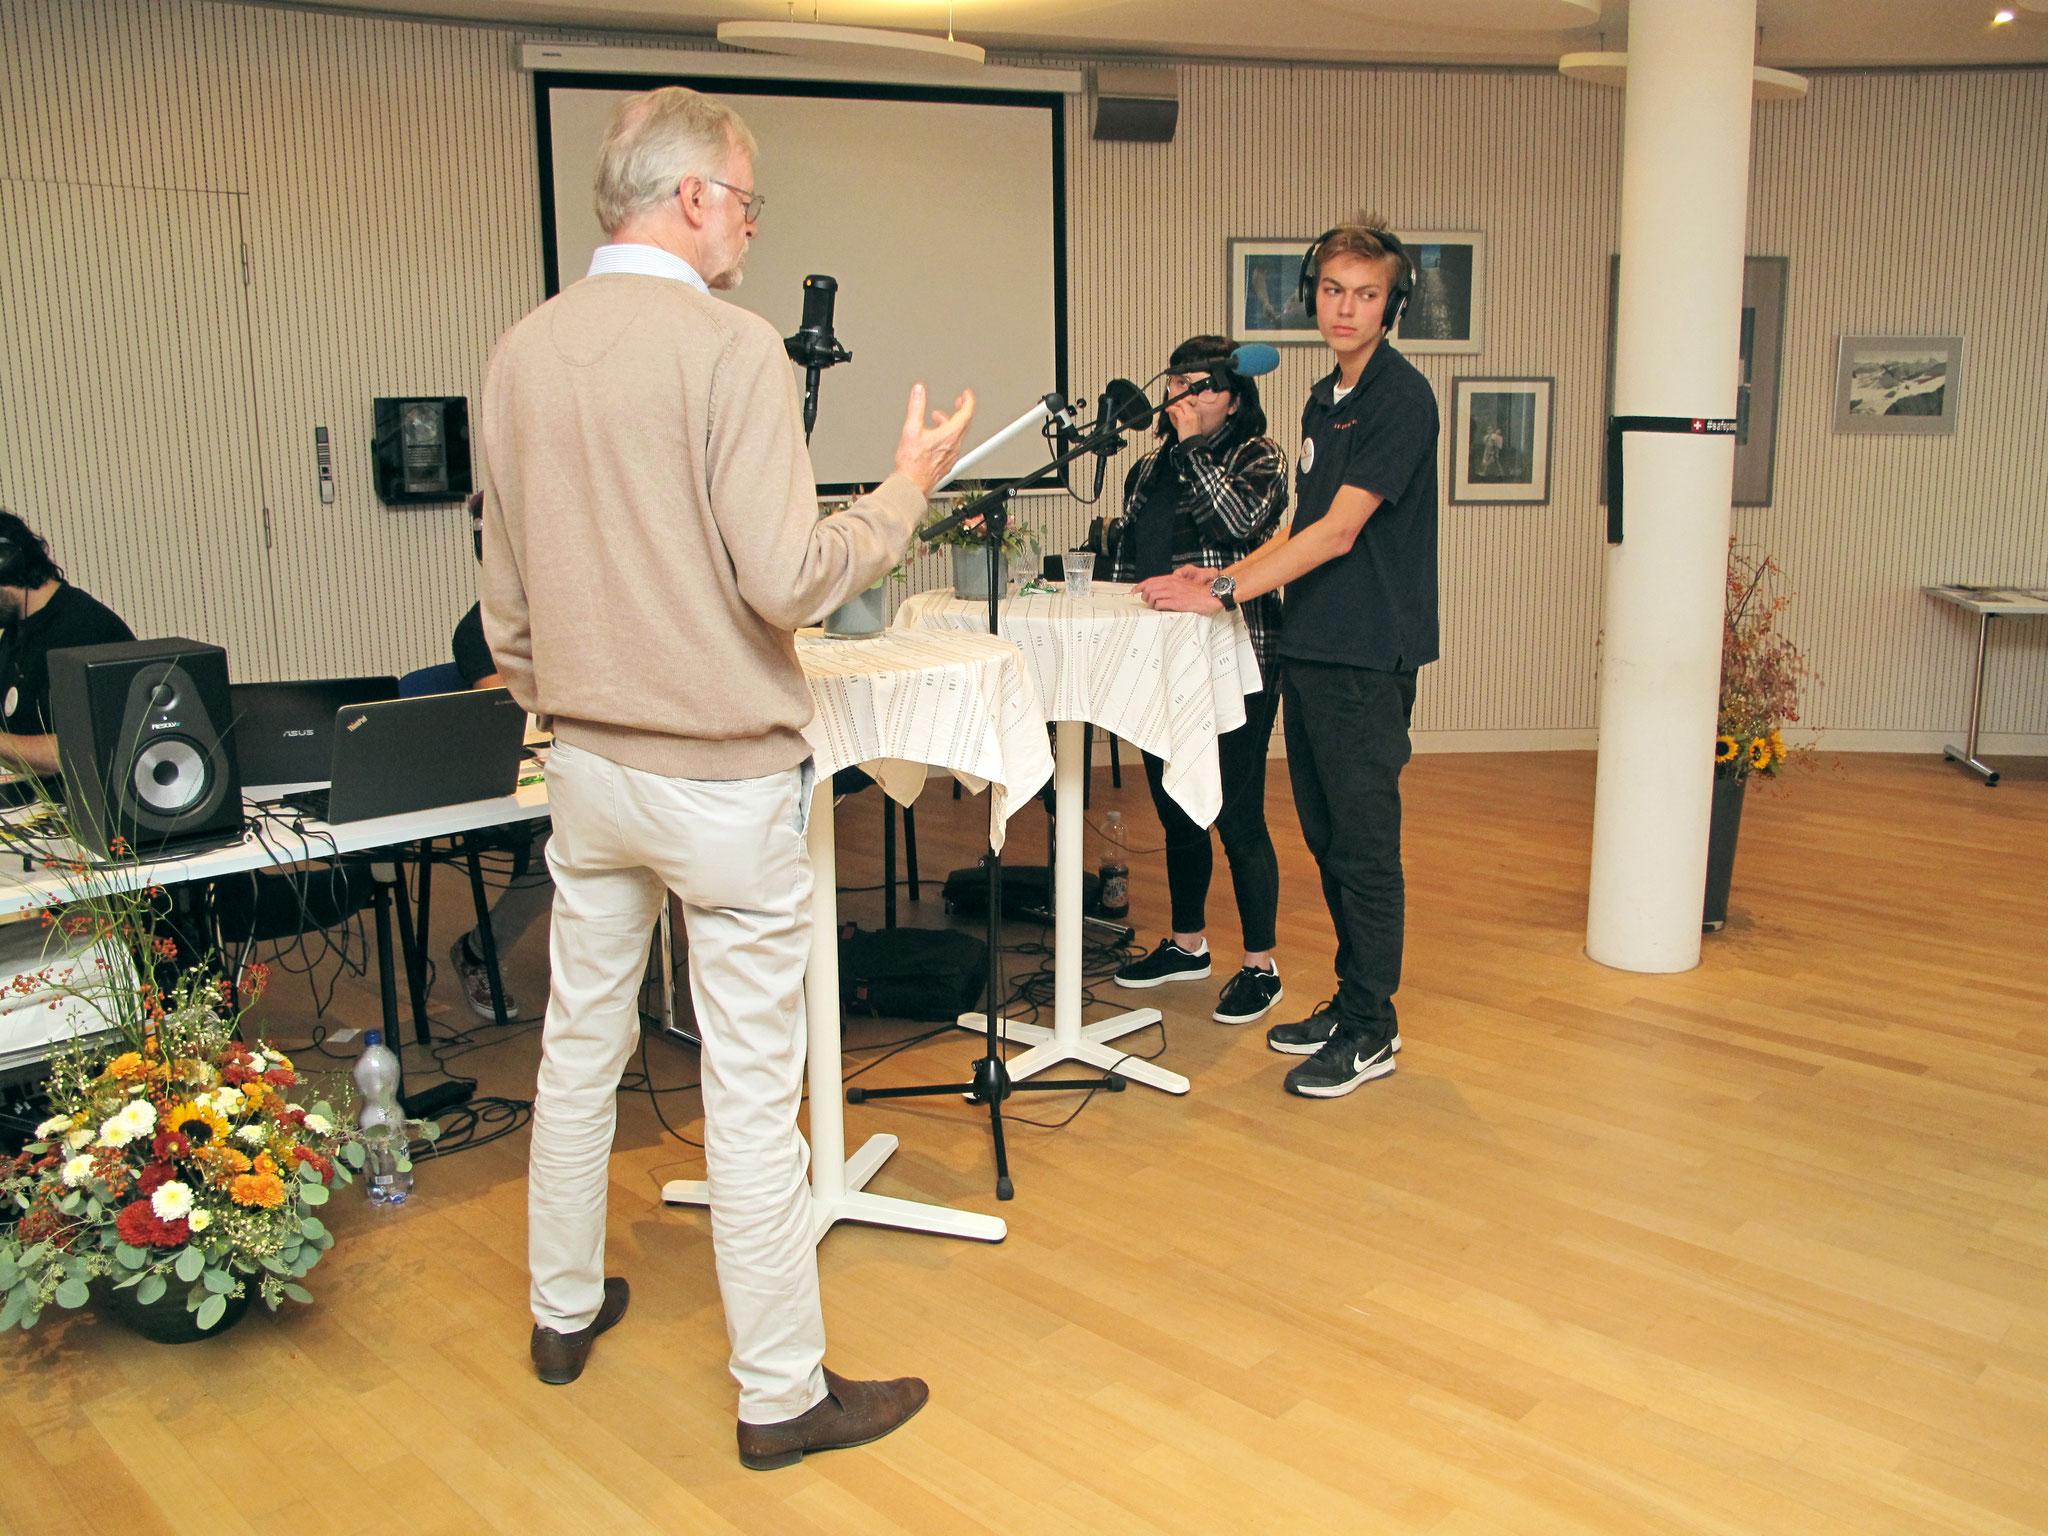 Casper Selg, Journalist im Gespräch mit Moderatoren Céline und Dominic